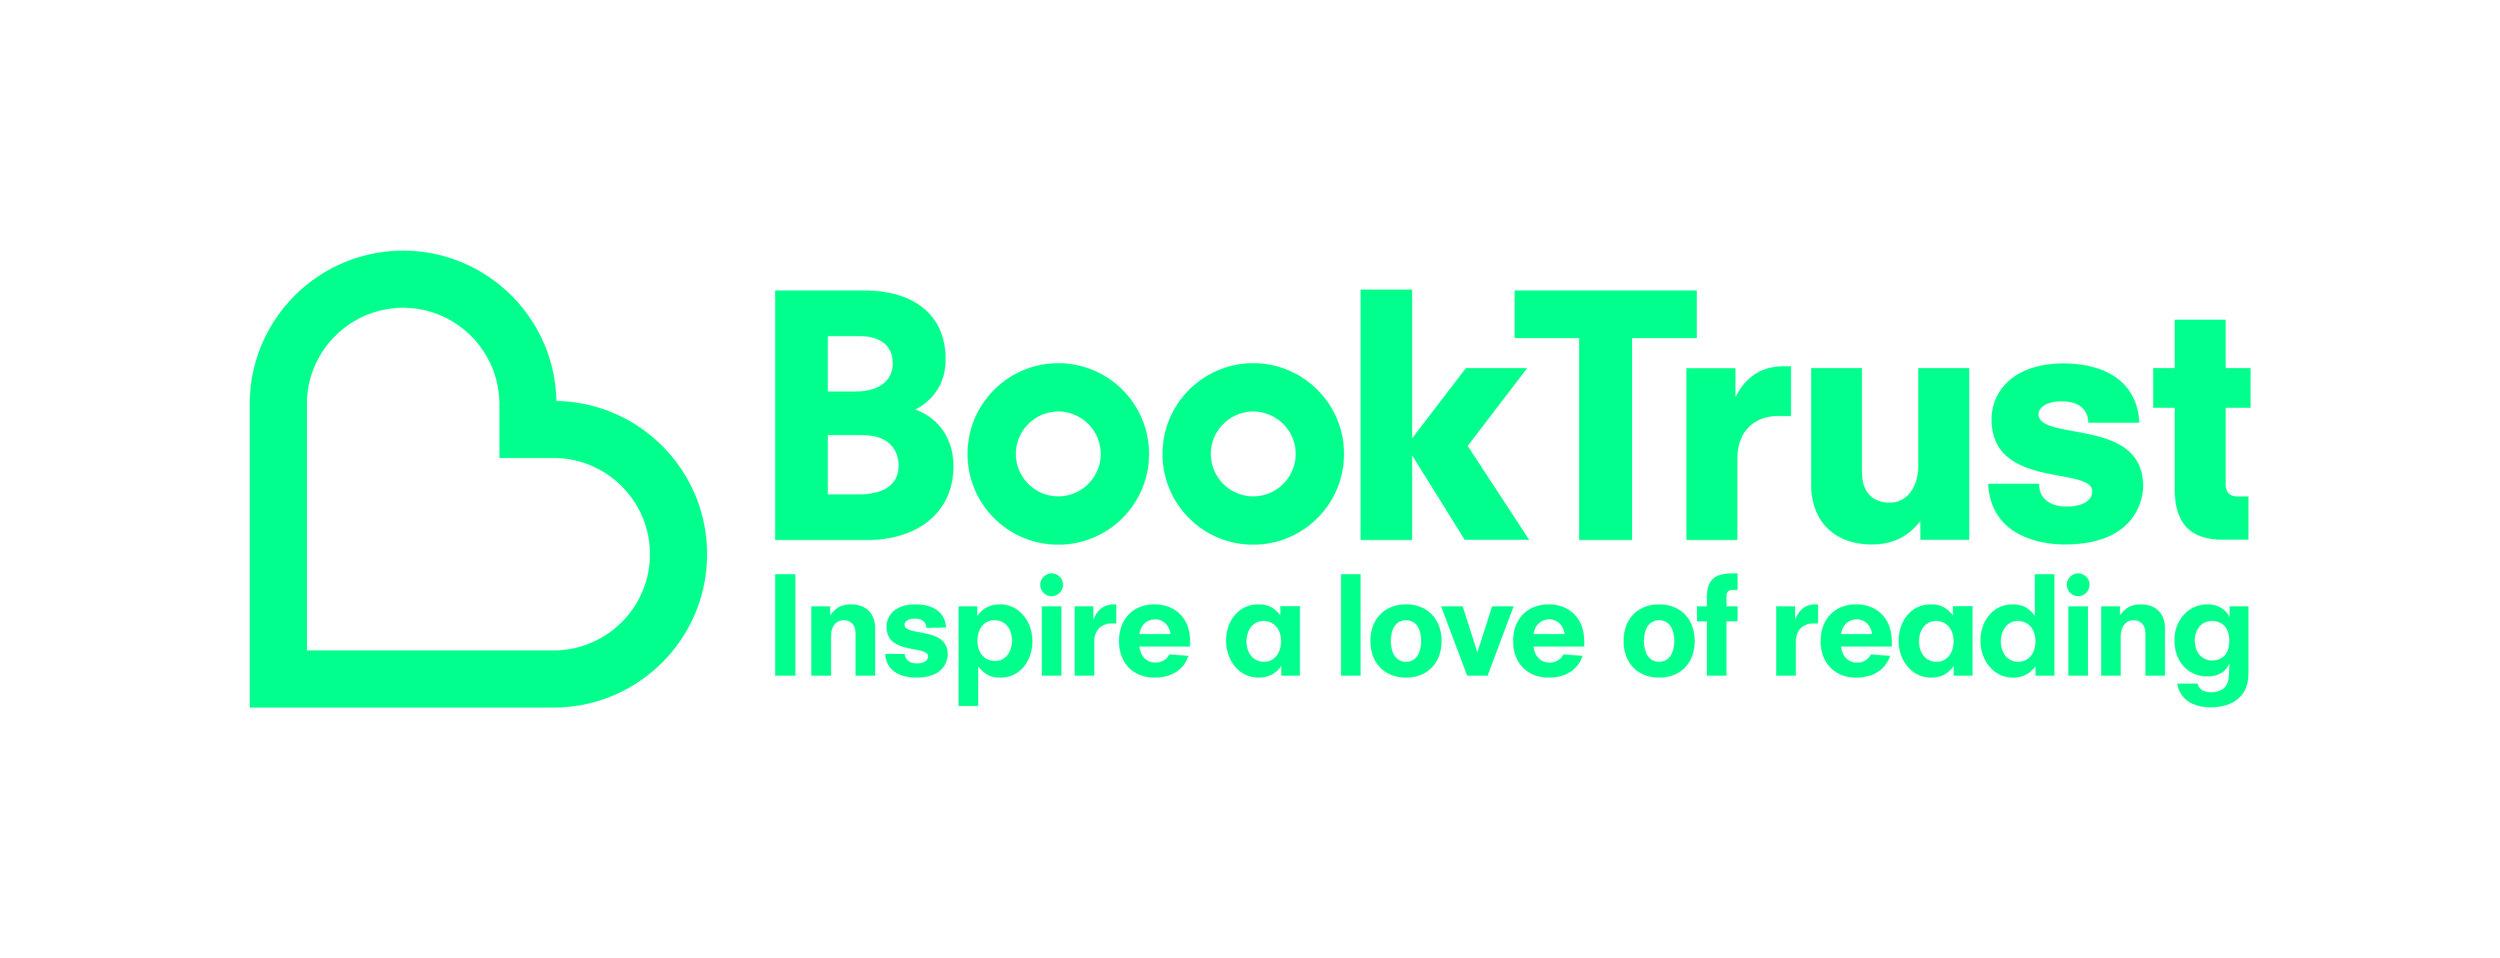 BookTrust_CORE_Teal_CMYK.JPG